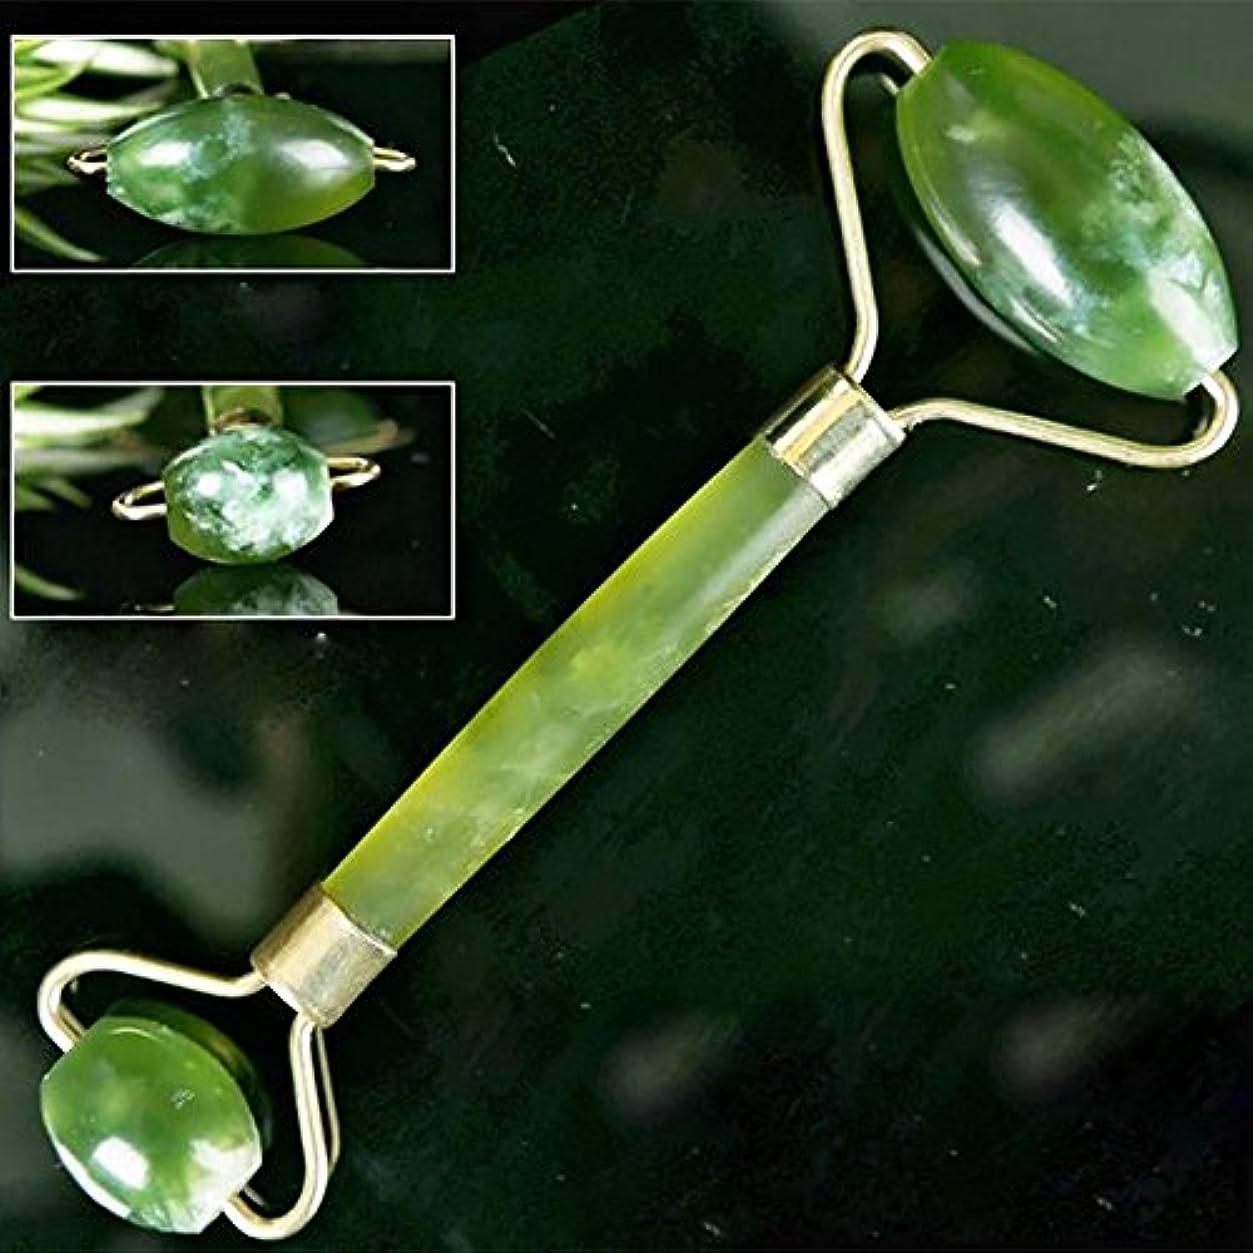 エージェントオリエンタルマウンドEcho & Kern 翡翠ローラーフェイスマッサジローラーGreen Crystal Double head Jade Roller